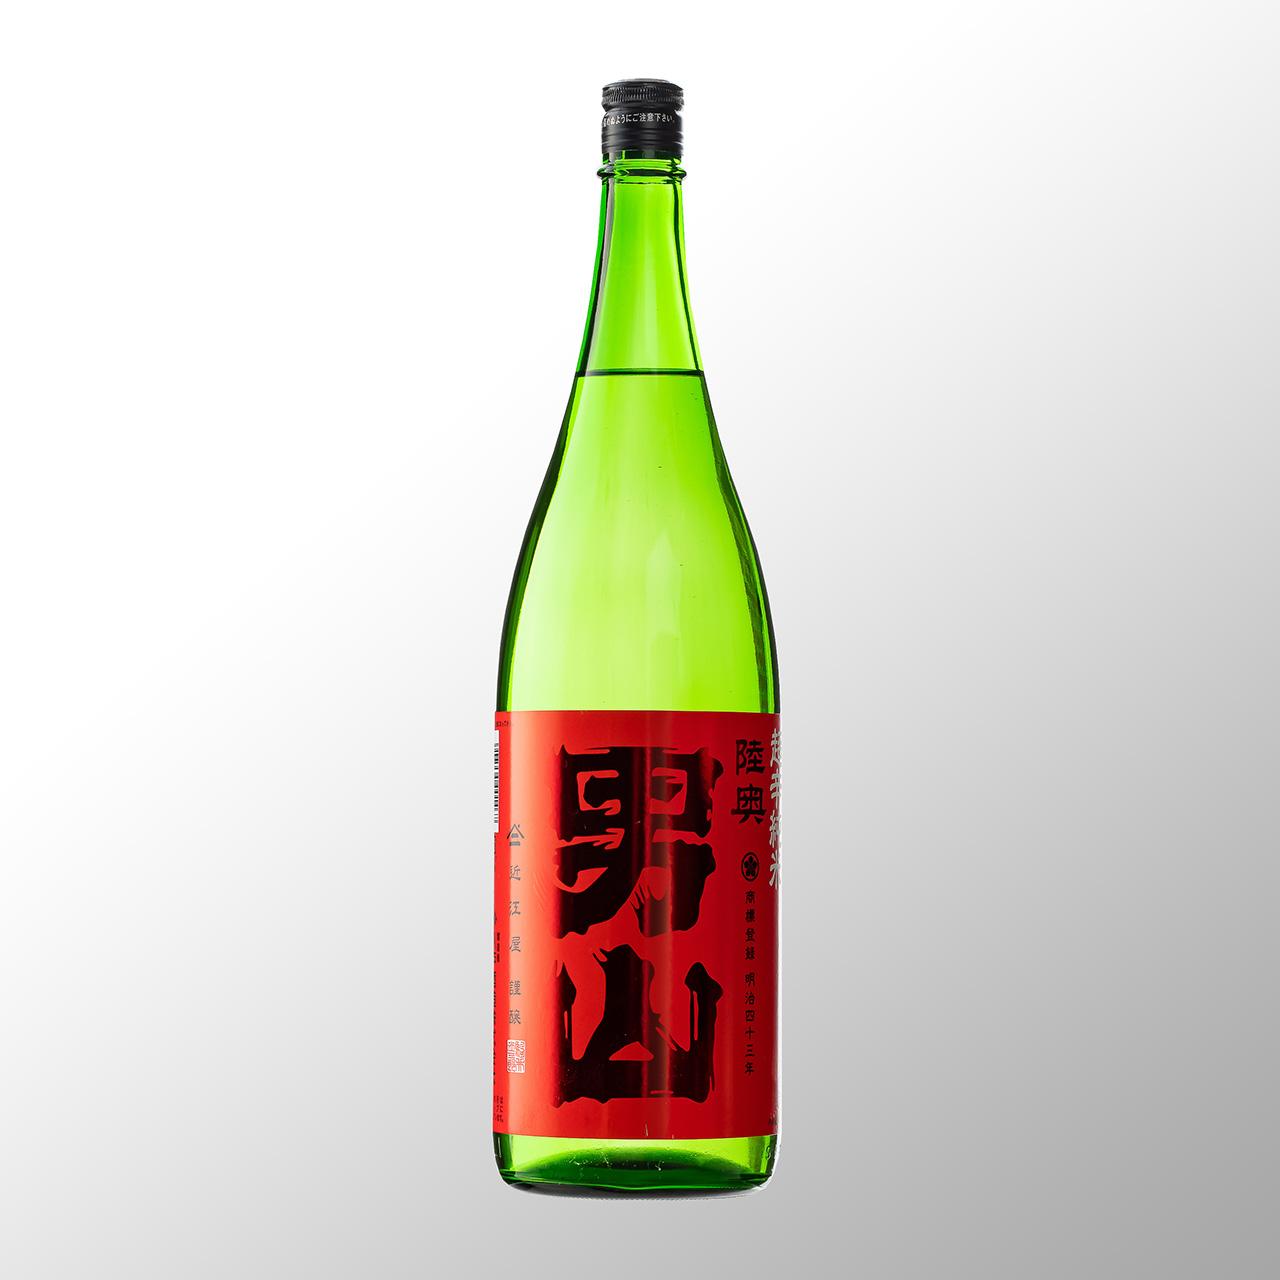 陸奥男山 超辛純米1.8